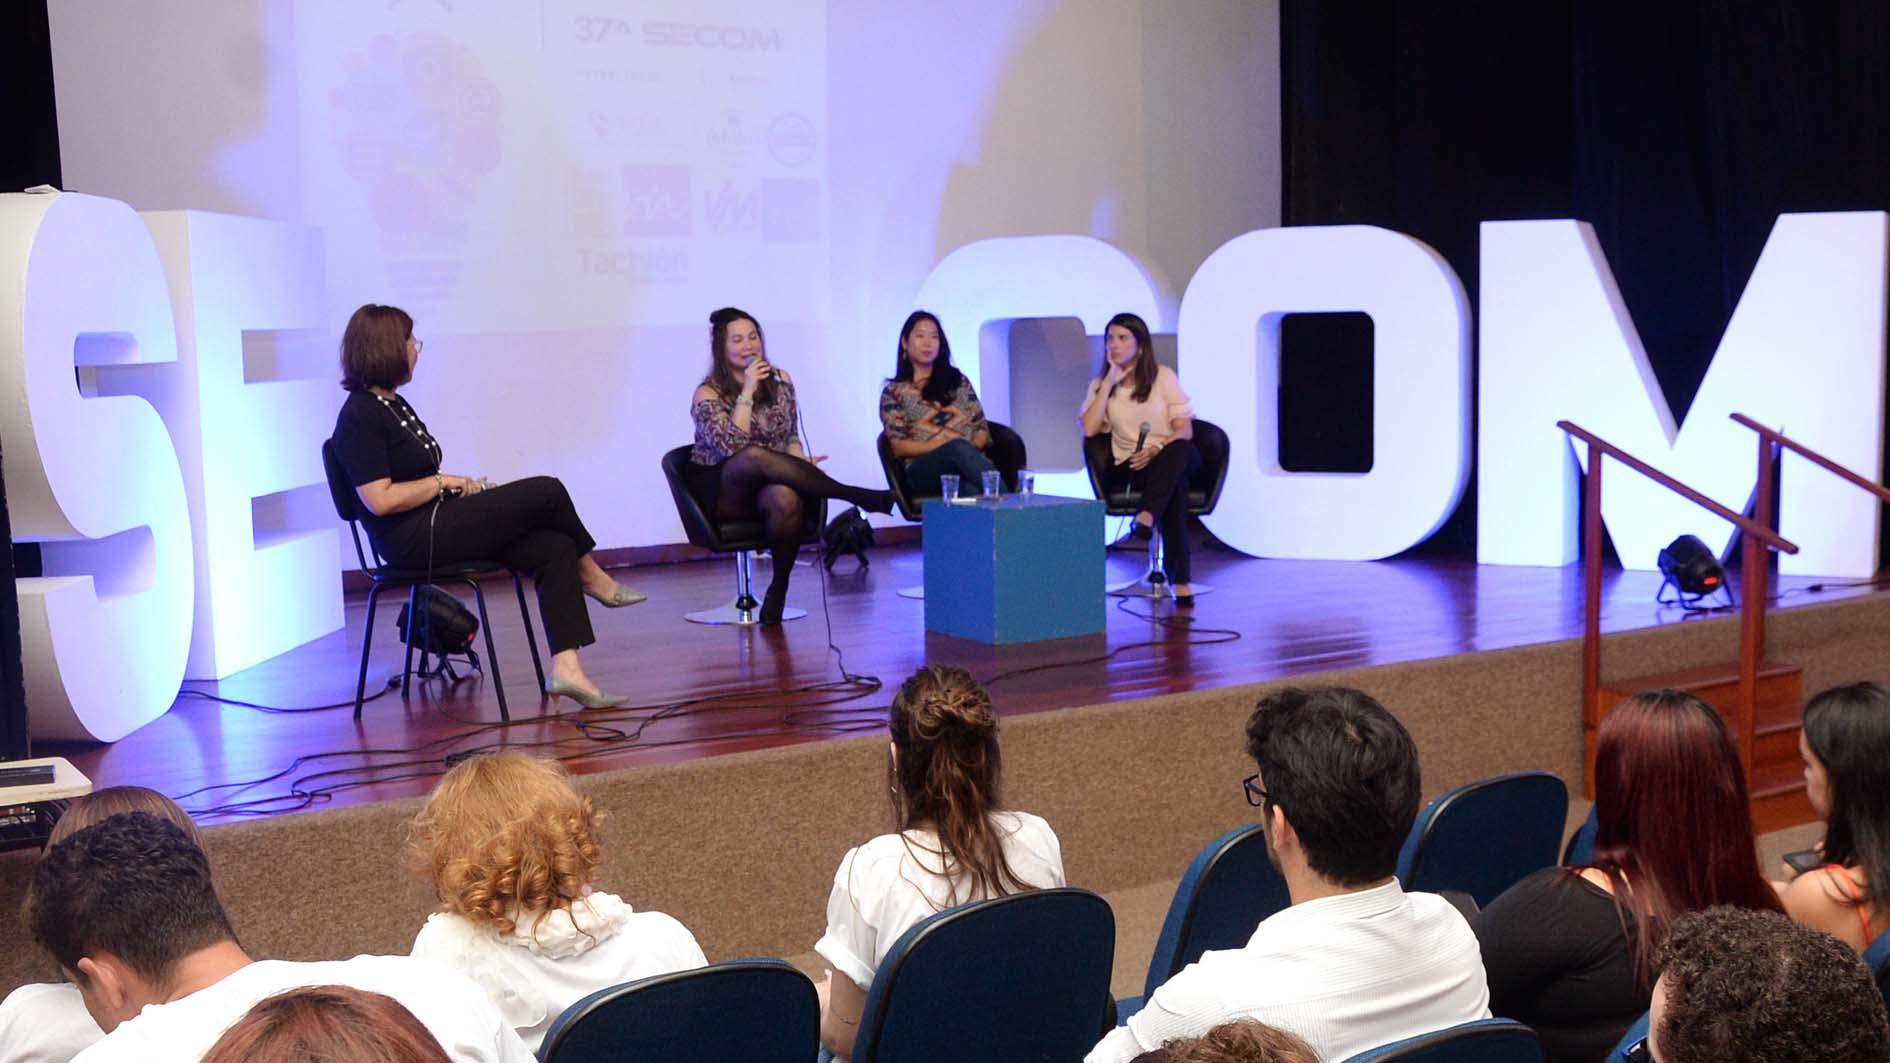 Mercado digital e participação feminina é tema de palestra da terceira noite da SECOM